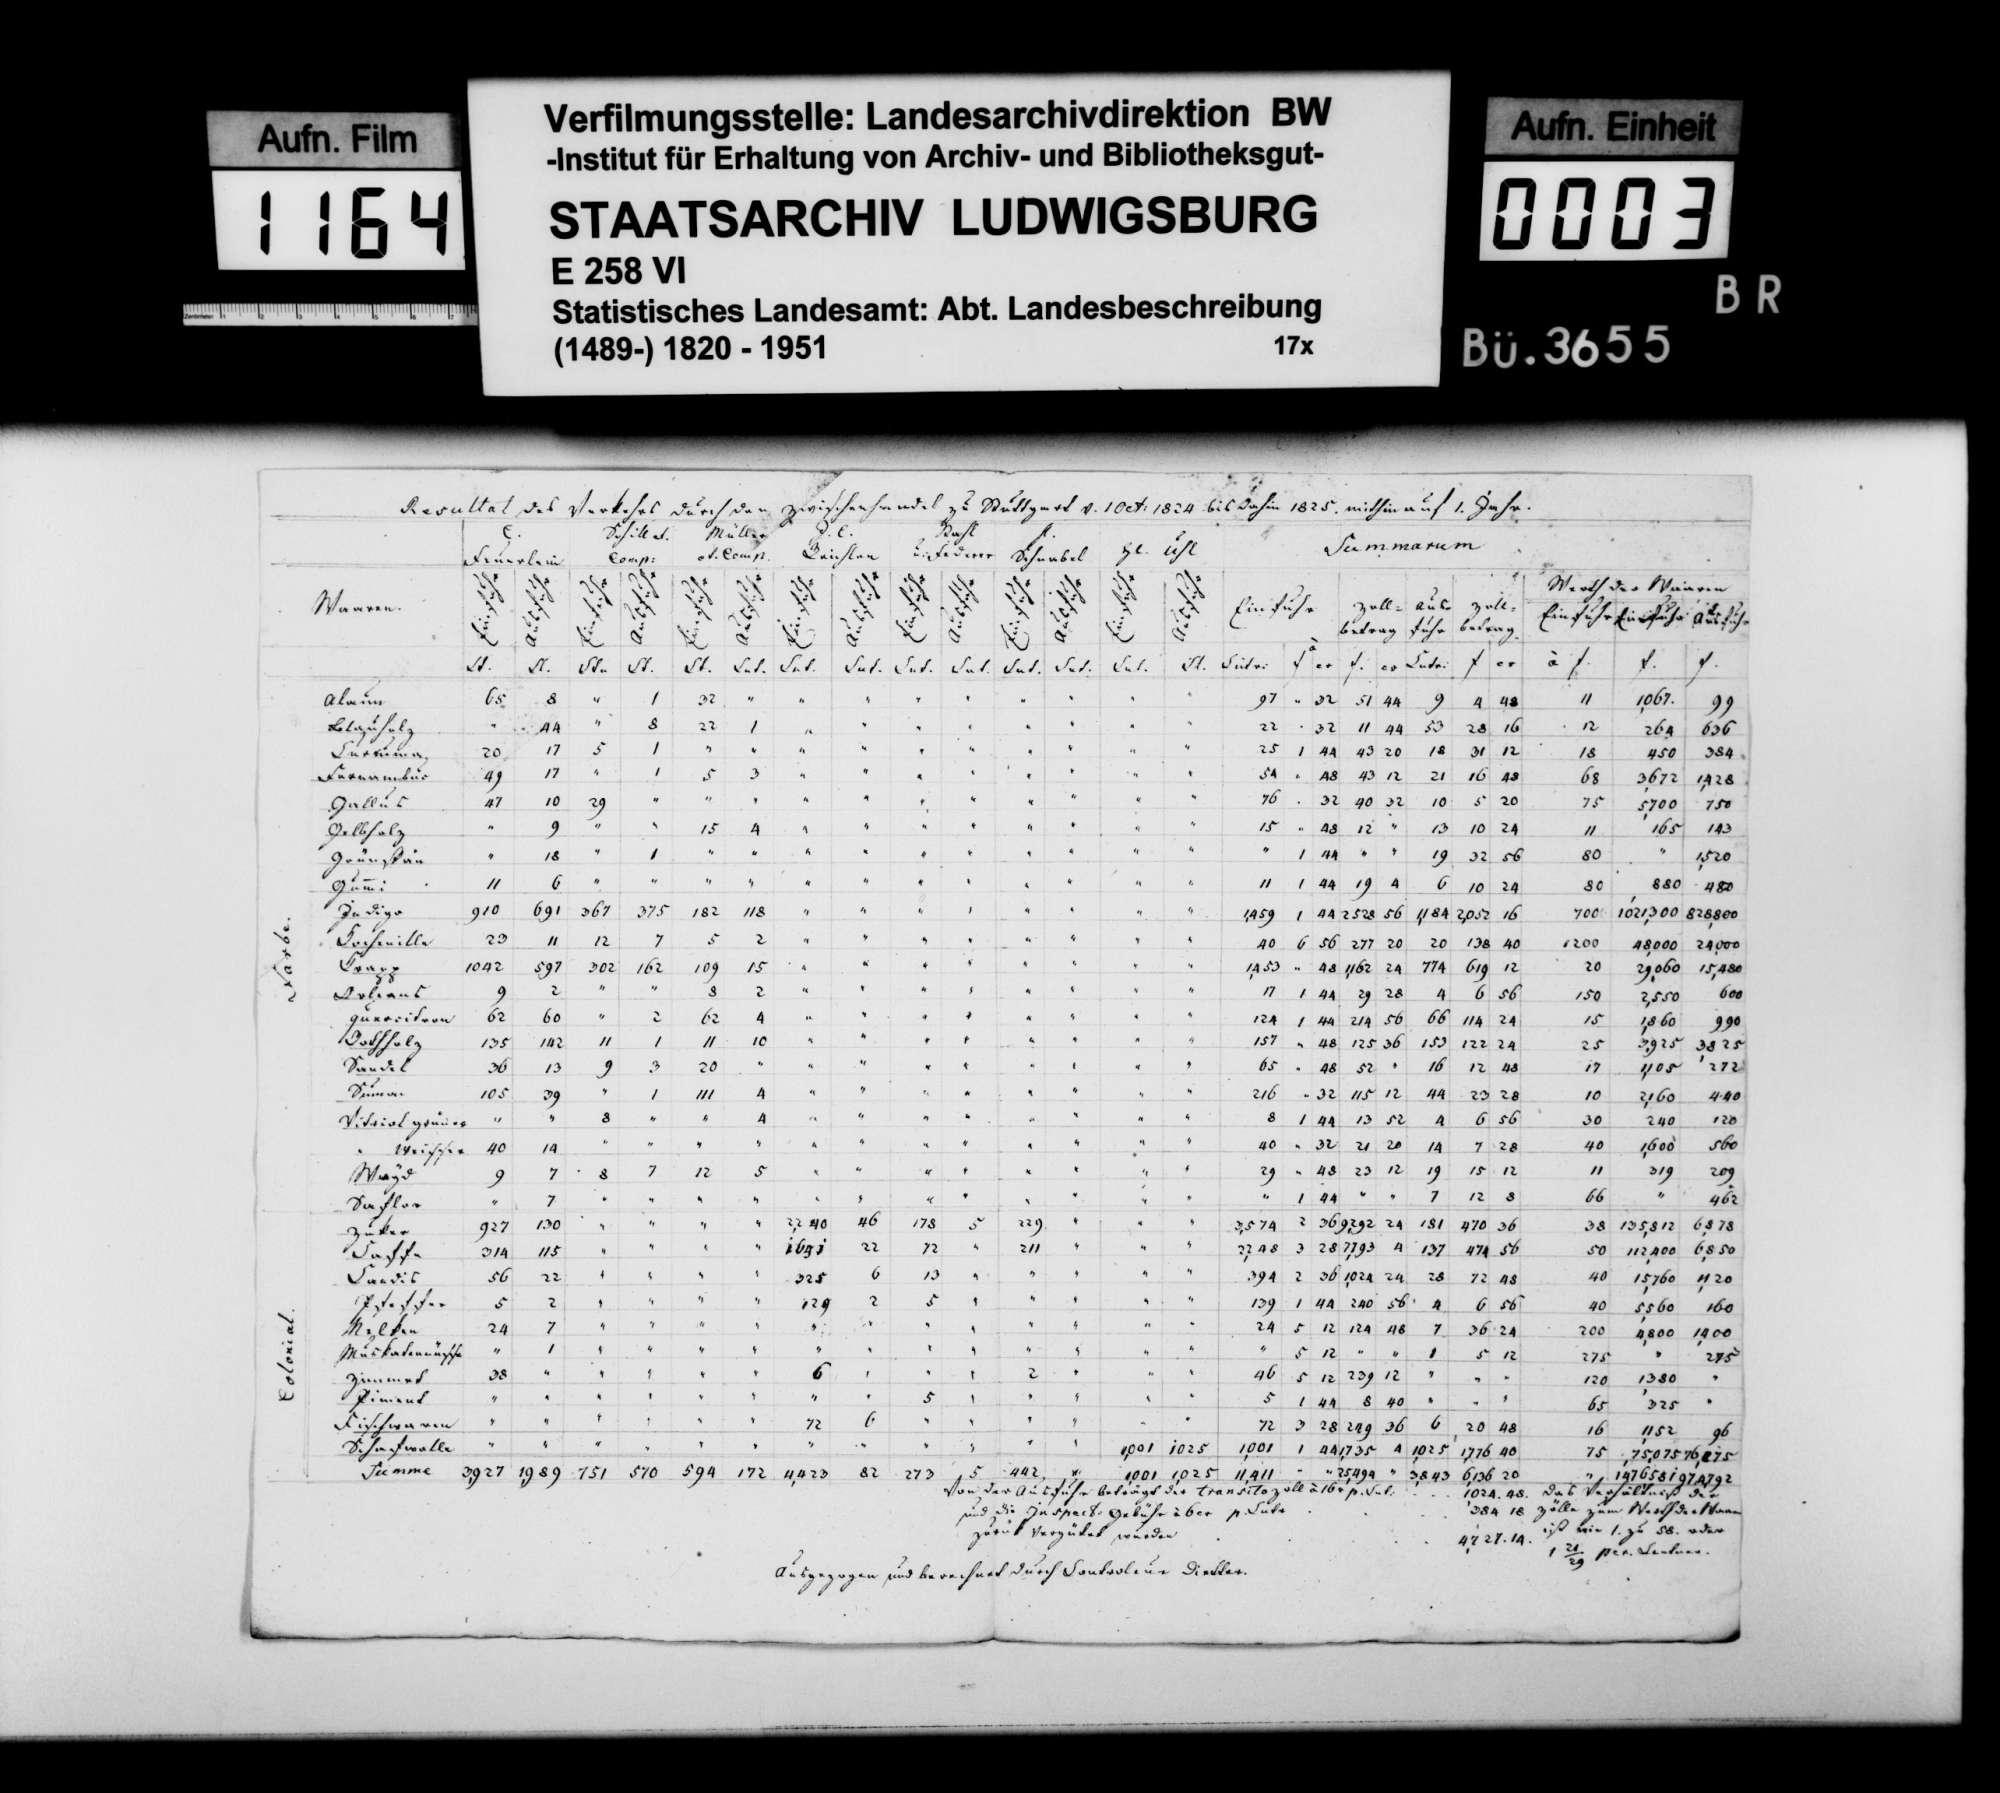 Ein- und Ausfuhr verschiedener Farbenrohstoffe und Kolonialwaren von Okt. 1824 bis Sept. 1825, Tabelle, nach Zwischenhändlern, Bild 2